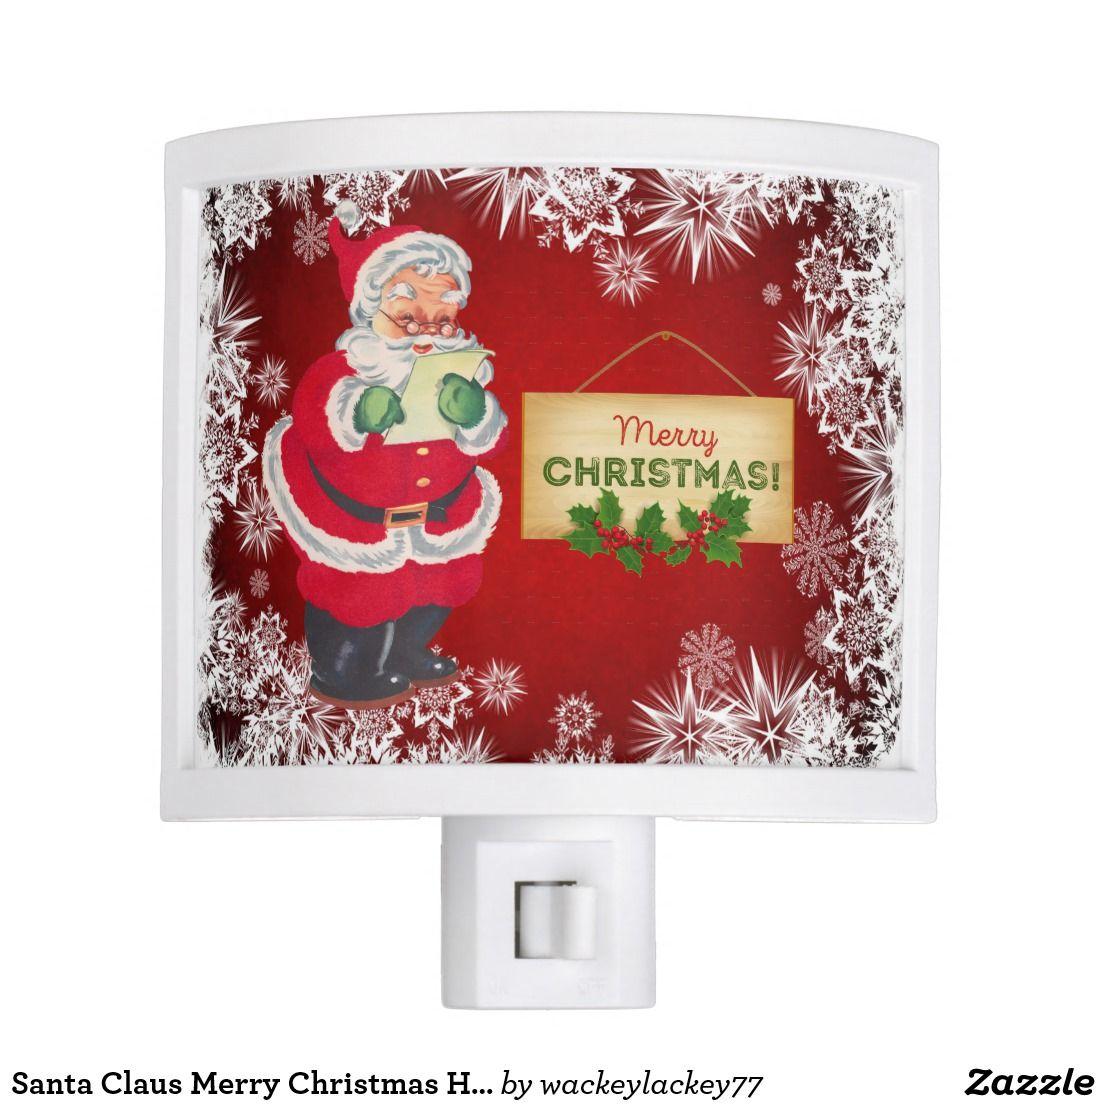 Santa Claus Merry Christmas Home Decor Night Light Zazzle Com Christmas Home Custom Holiday Card Night Light